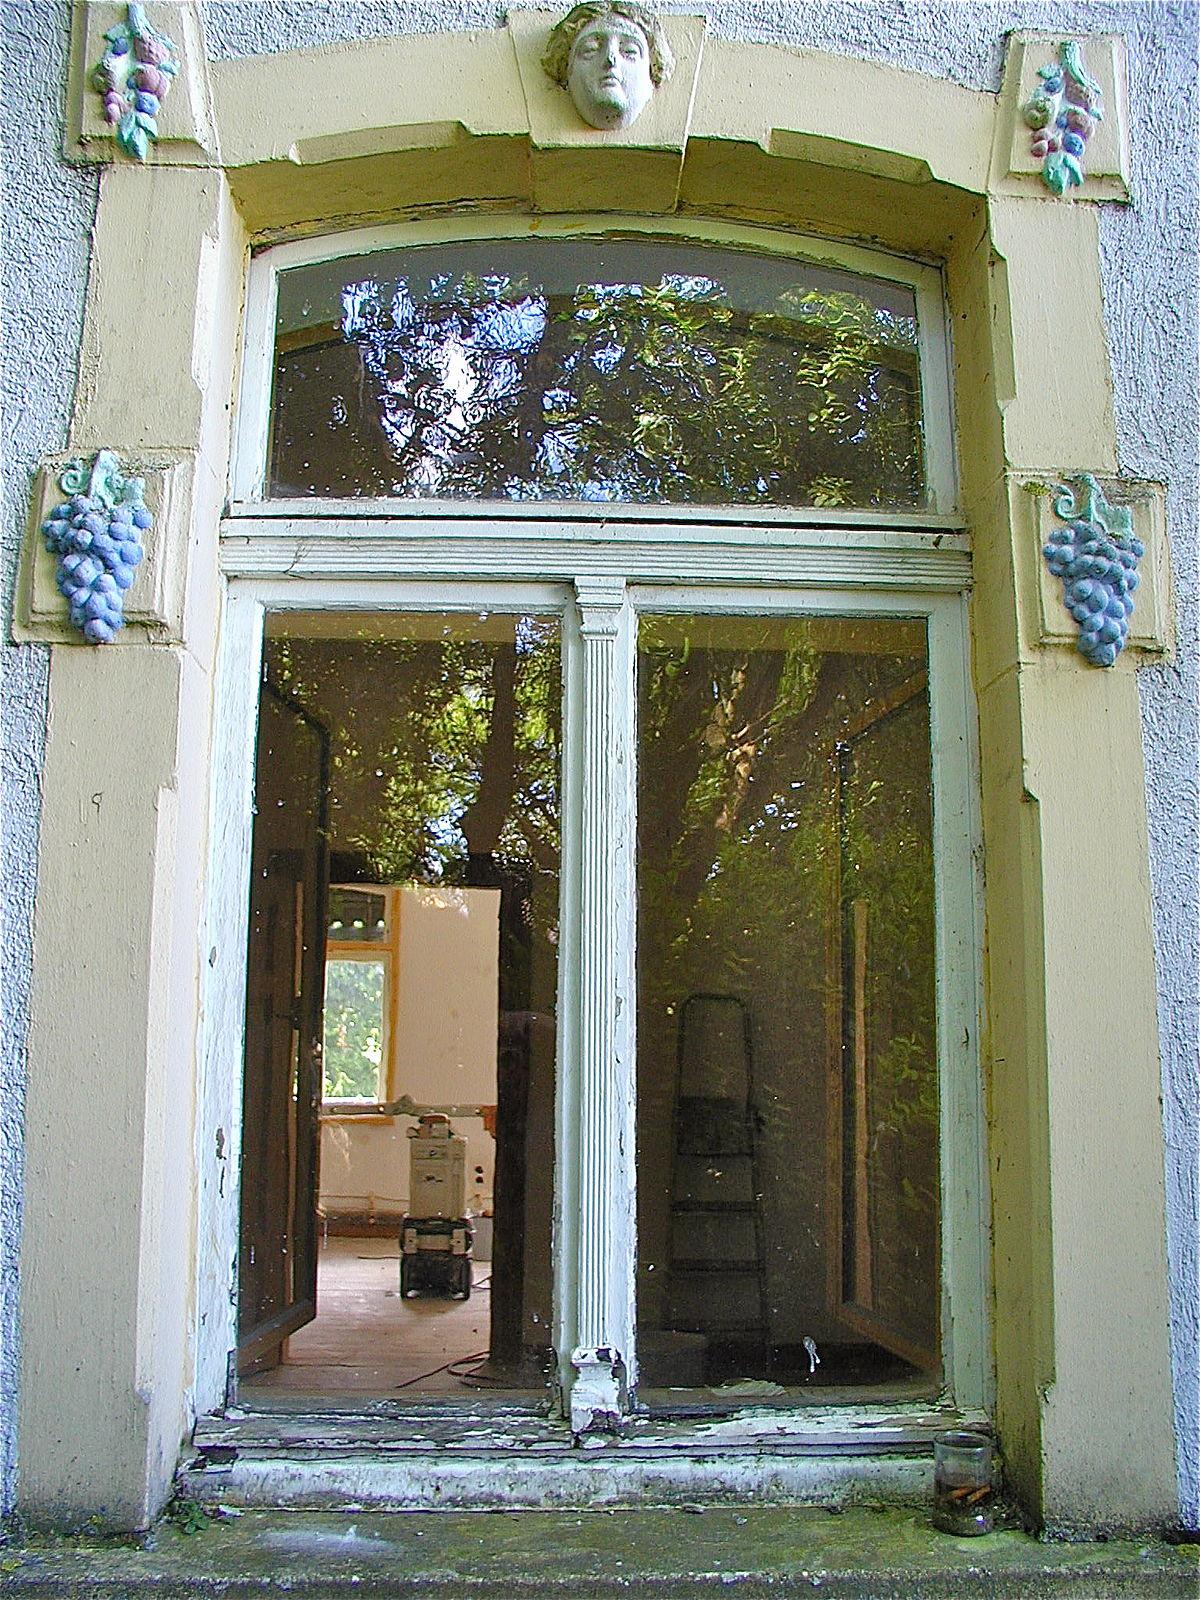 Full Size of Fensterfugen Erneuern Fensterinstandsetzung Wikipedia Fenster Kosten Bad Wohnzimmer Fensterfugen Erneuern